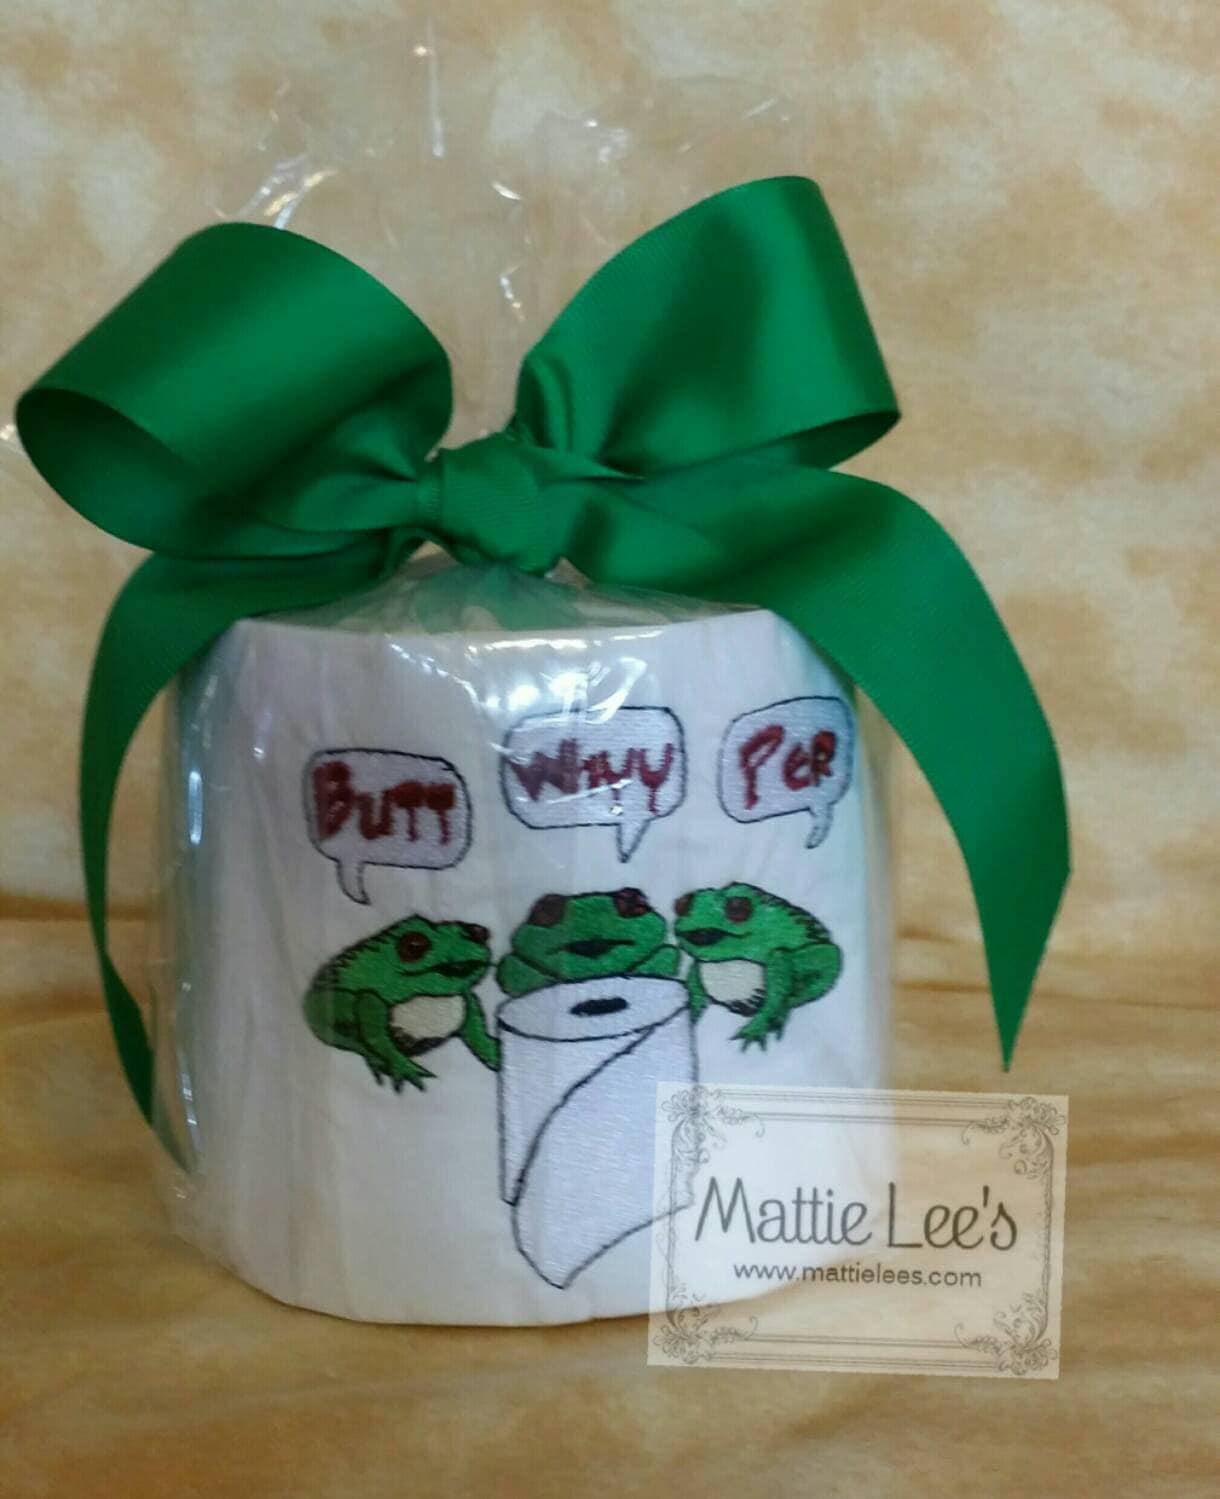 Monogrammiert Frosch Motiv Toilettenpapier Gag-Geschenk | Etsy